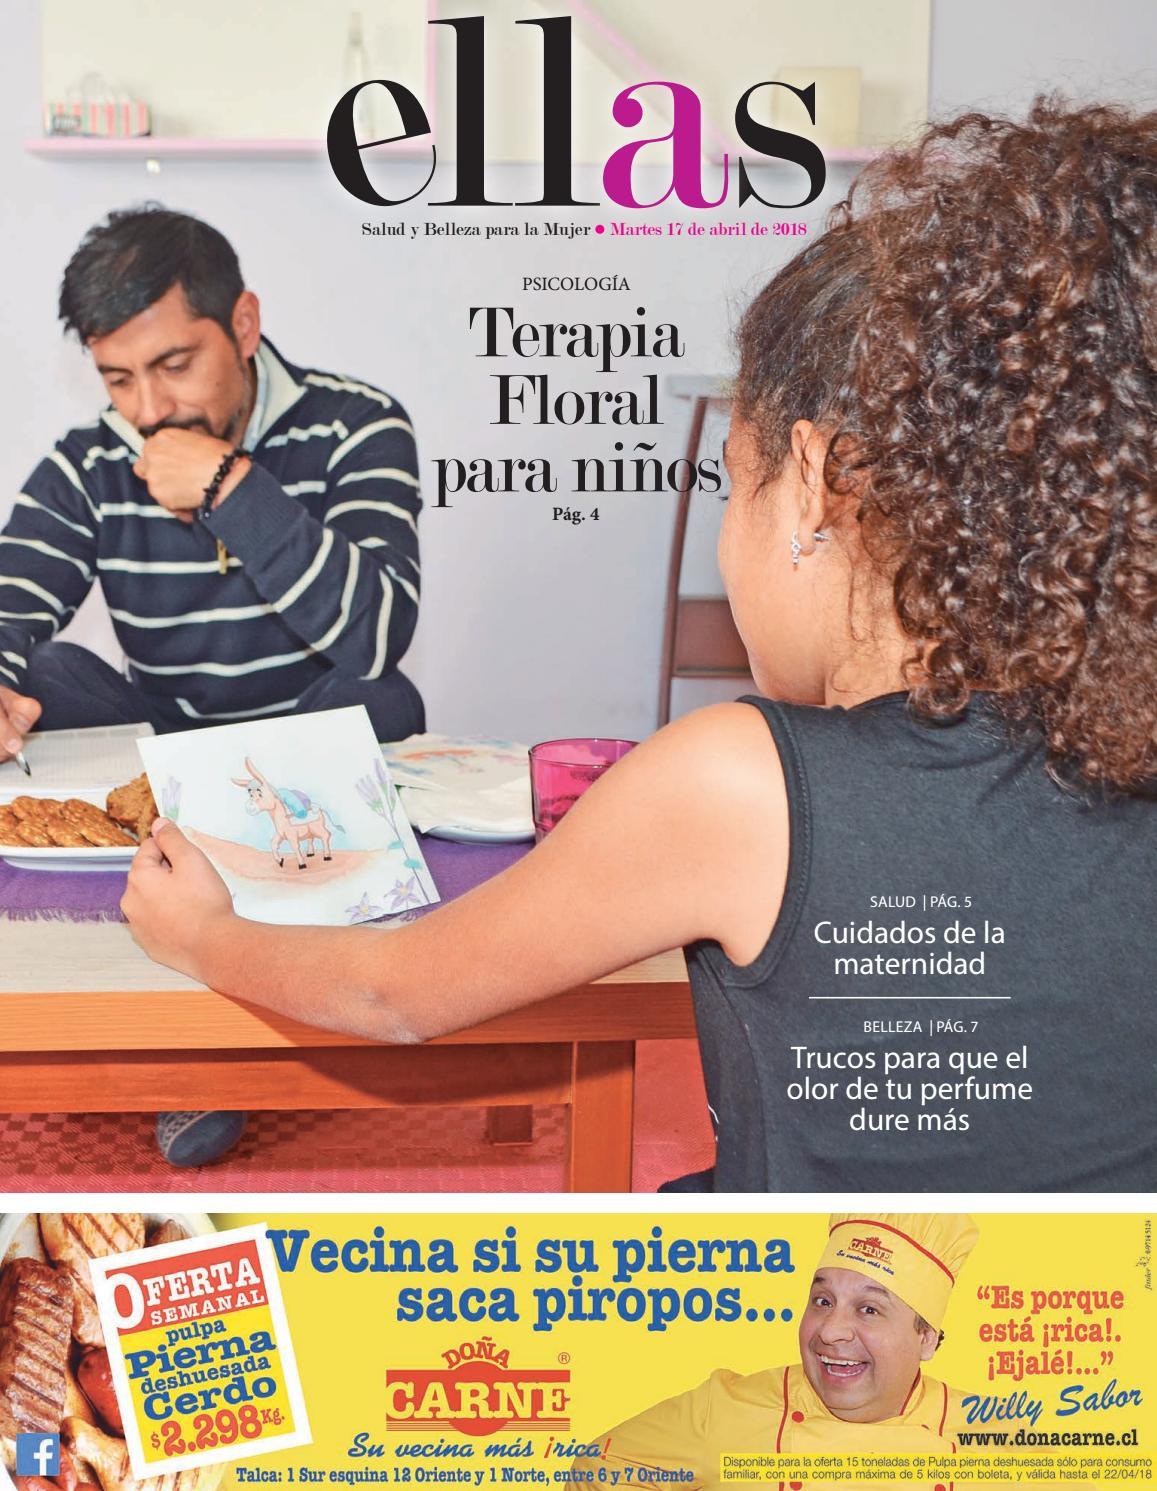 Ellas 17 04 2018 by Diario El Centro S.A - issuu